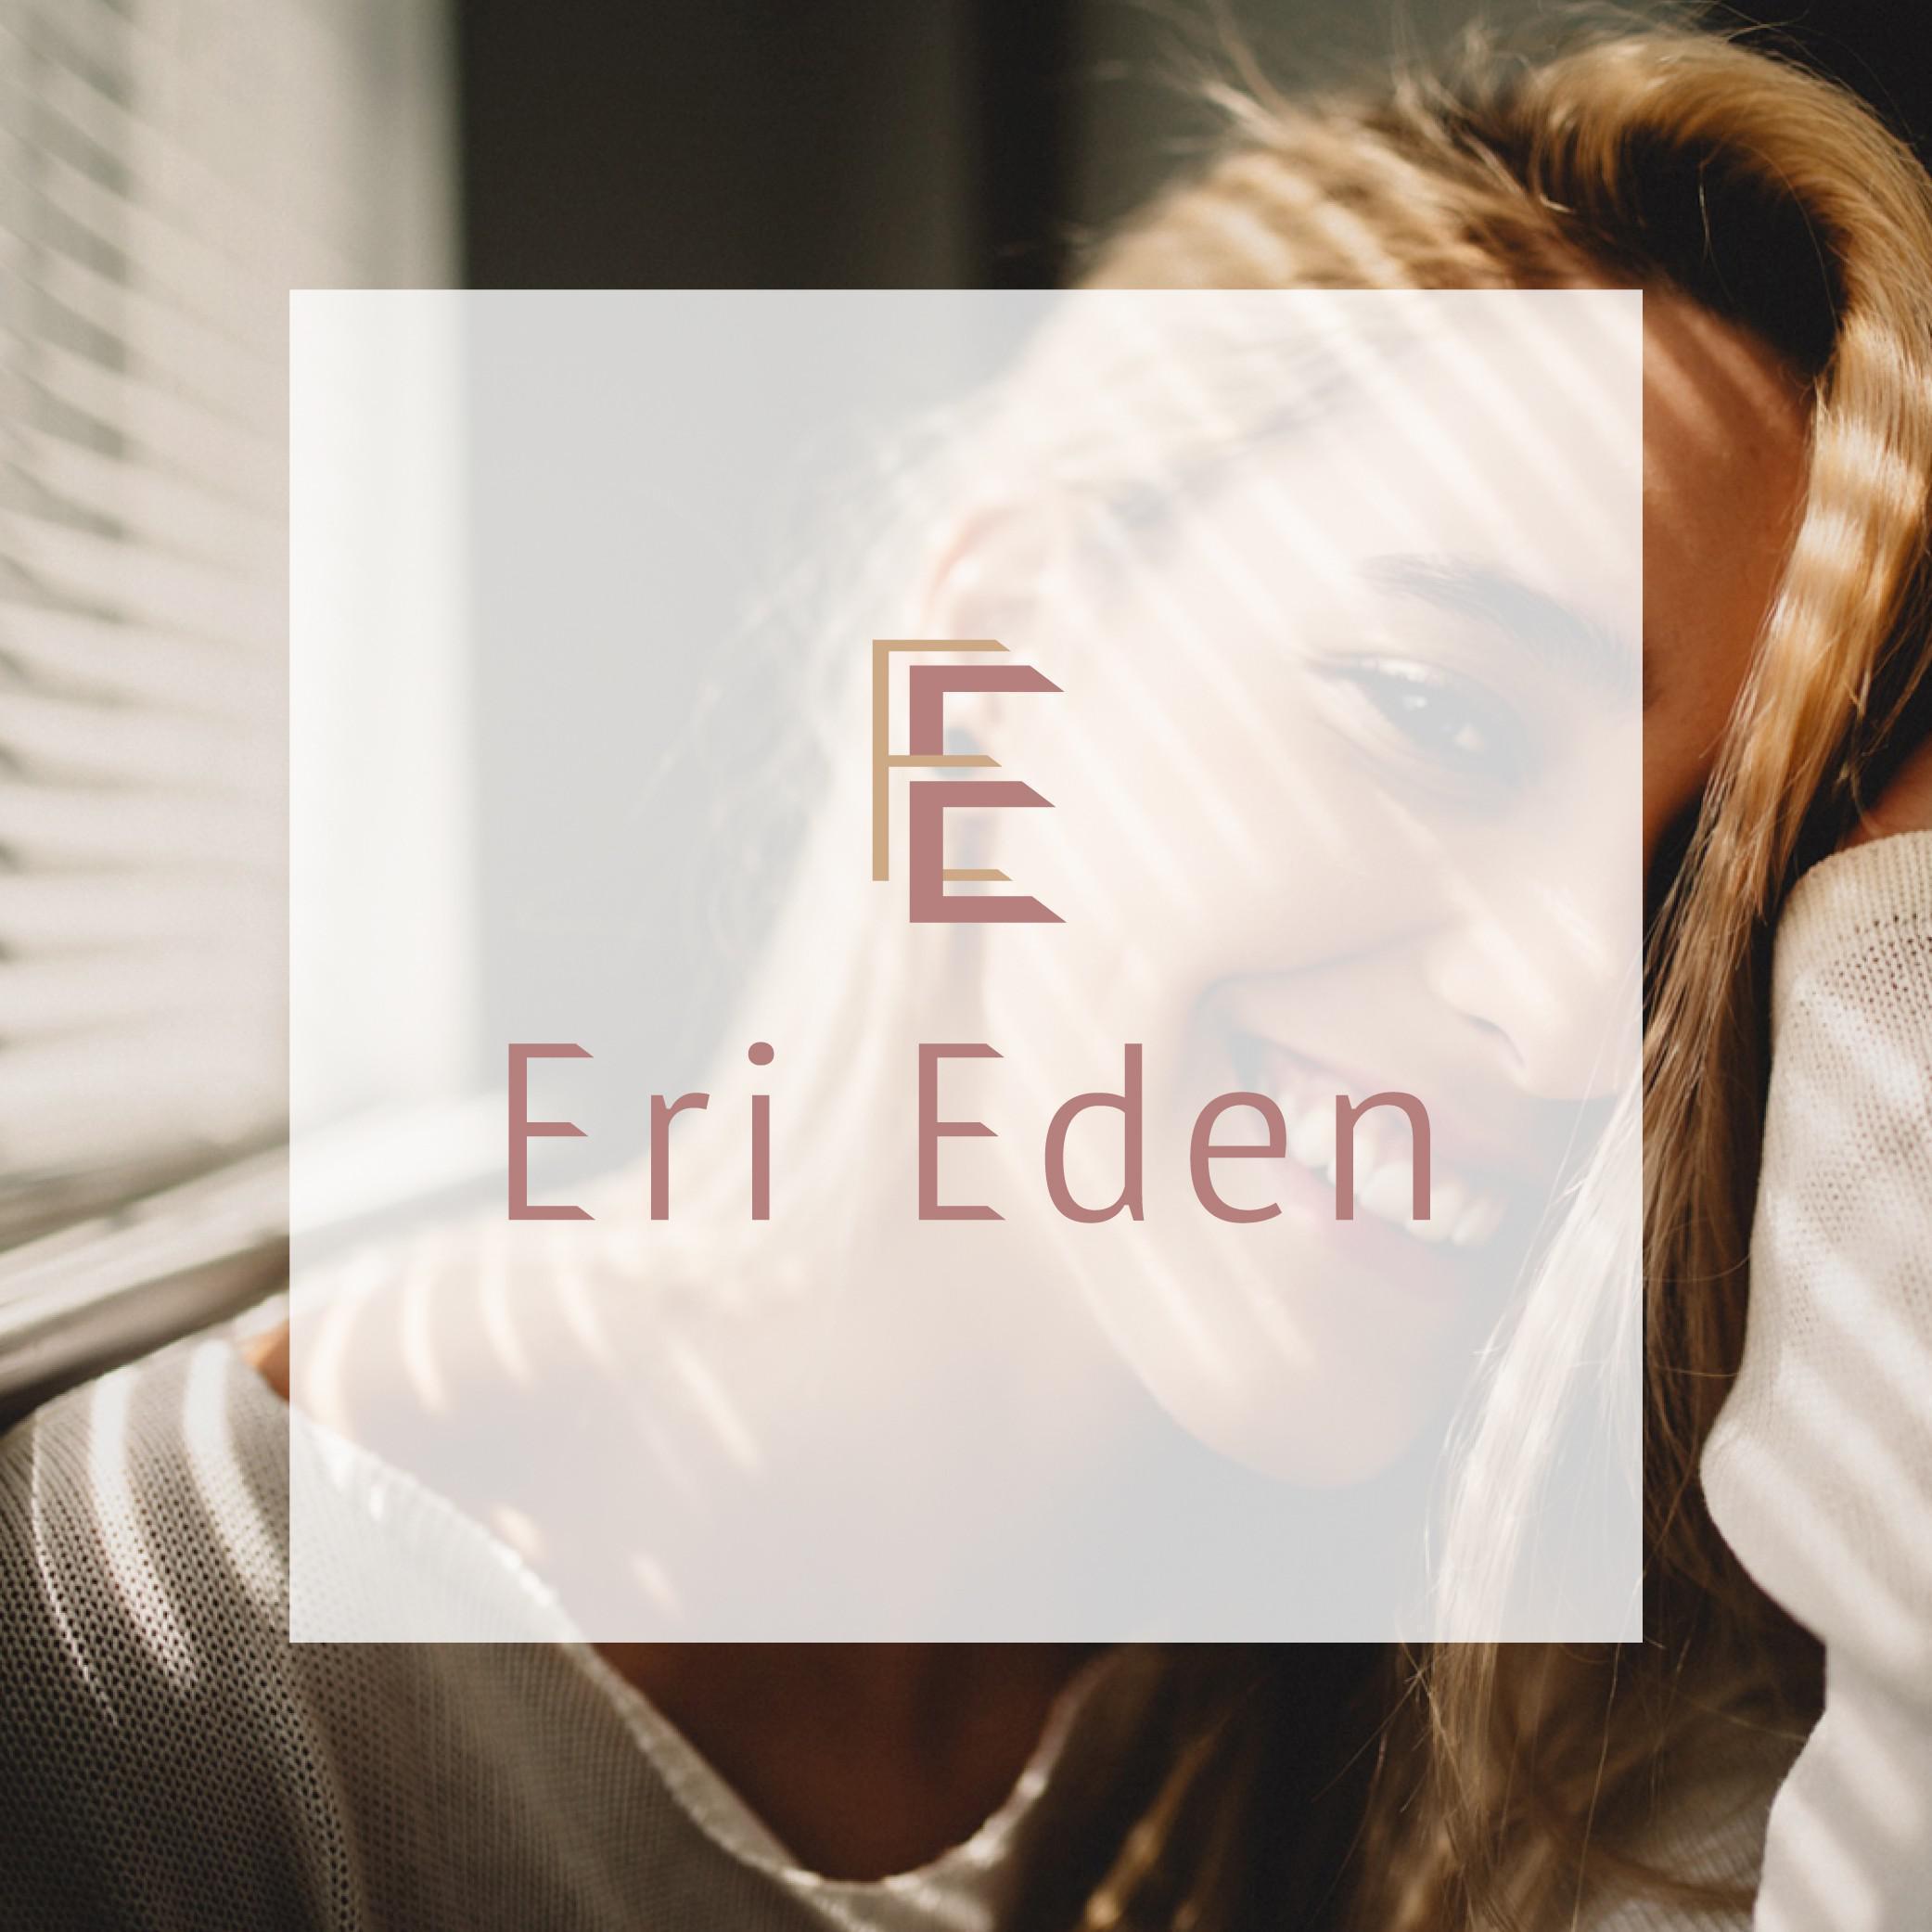 Eri Eden